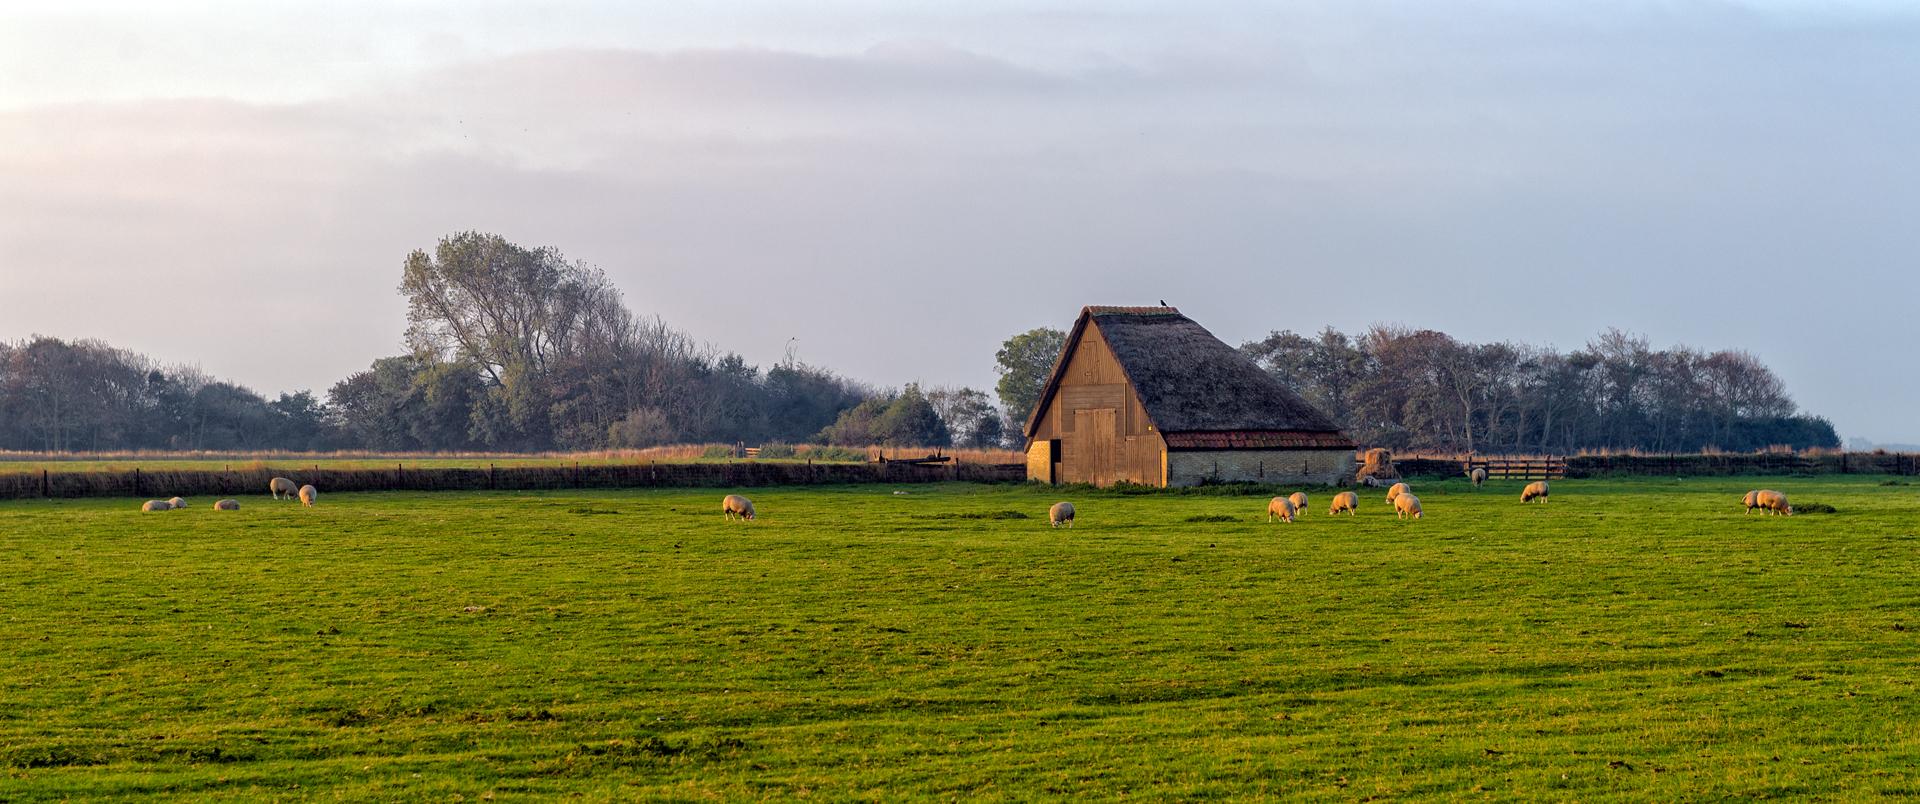 Schapenboet in de winter landschap fotograaf Roel Ovinge VVV Texel